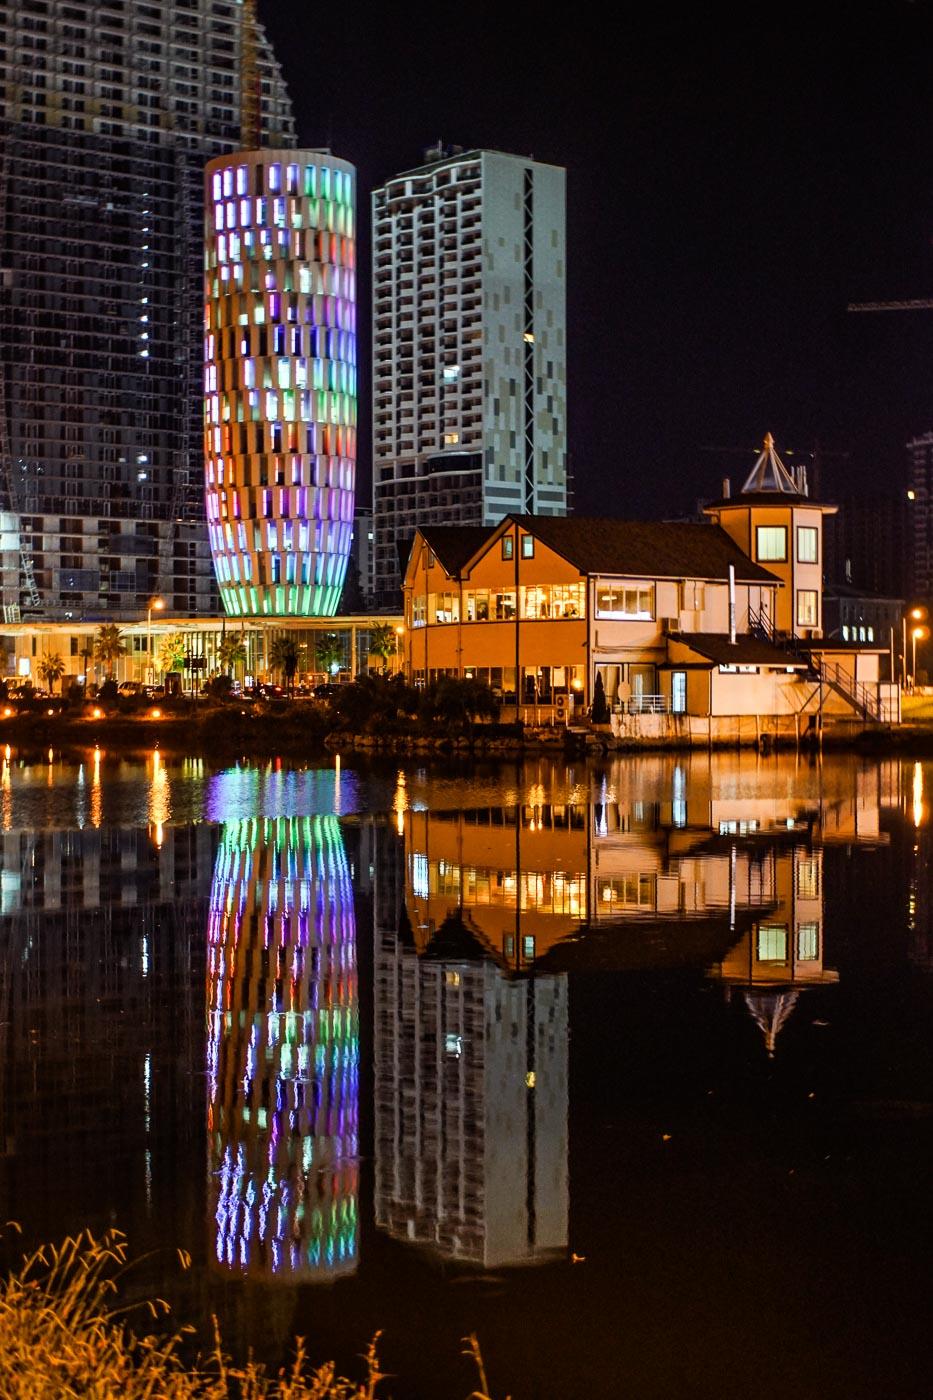 Zu sehen ist die public service Hall, die sich in dem Wasser der tanzenden Fontänen widerspiegelt. Sie ist durch LED Regenbogenfarben erleuchtet. Im Vordergrund ist ein älteres Holzgebäude zu sehen welches einen netten Kontrast bildet.